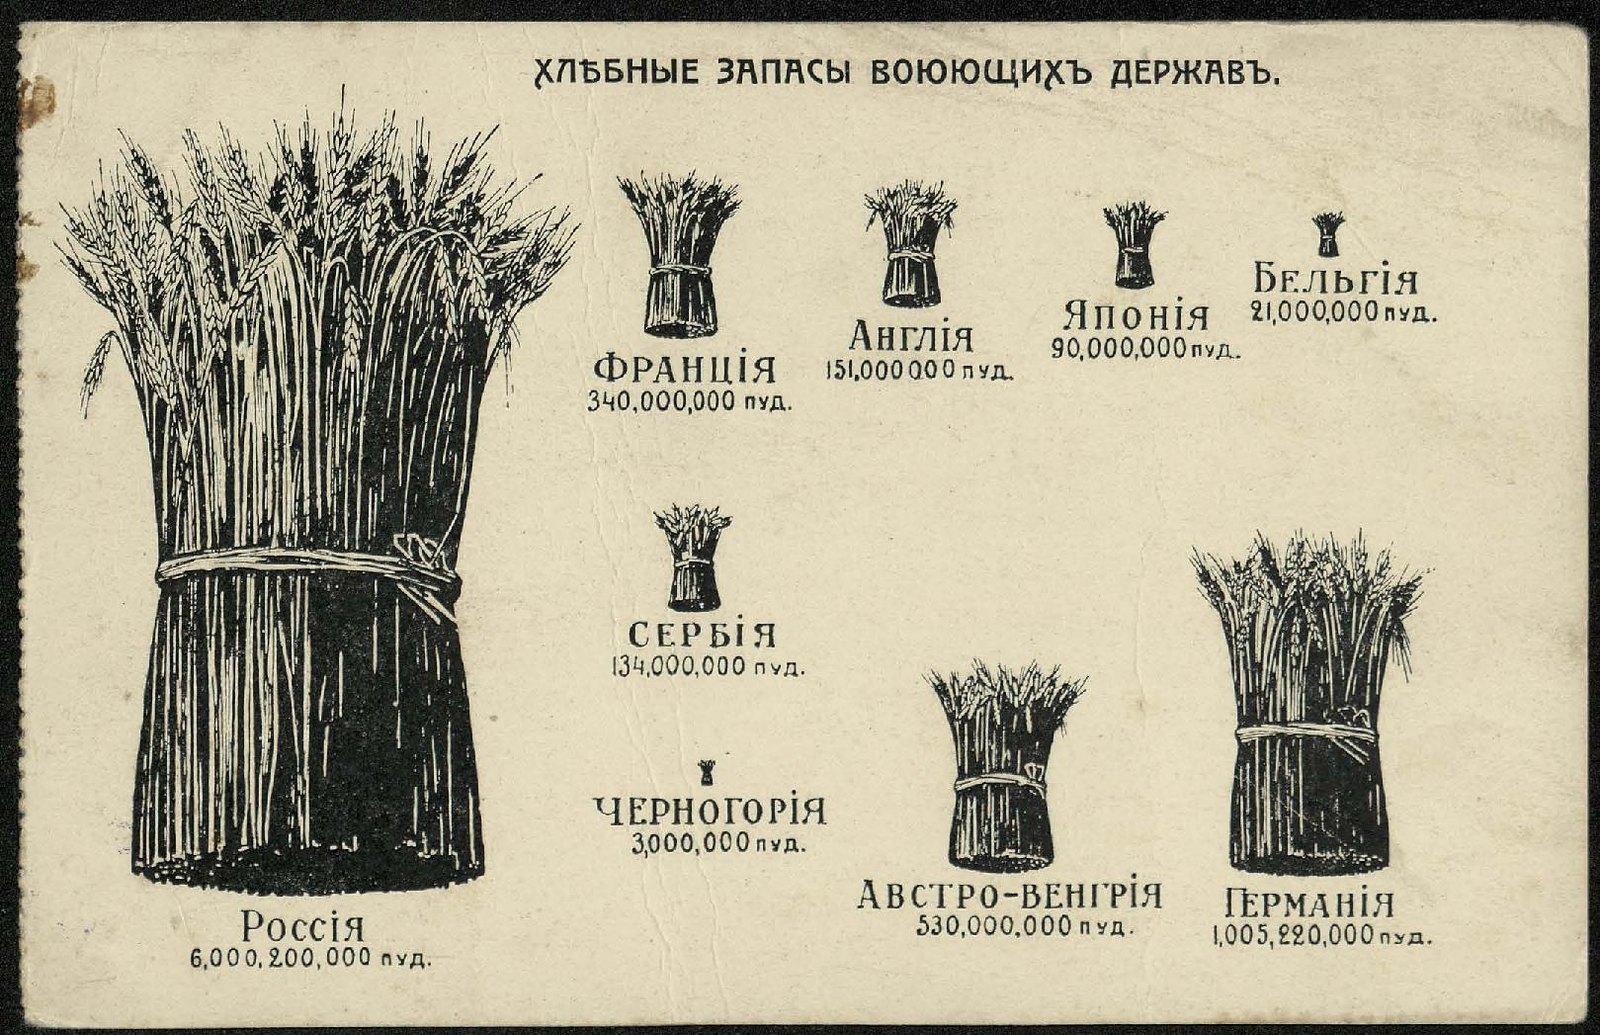 1914. Хлебные запасы воюющих держав